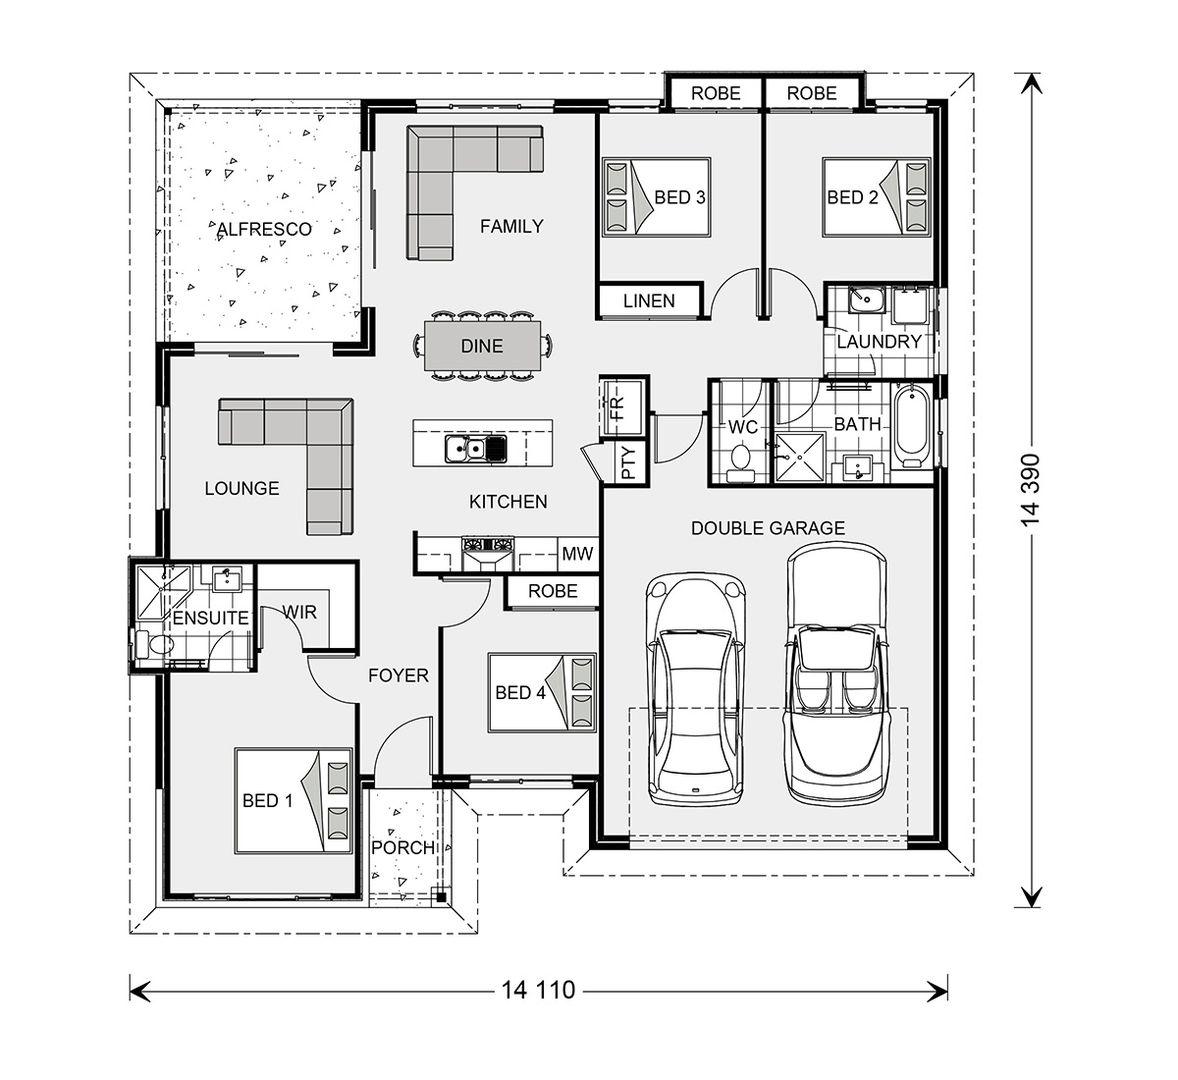 Lot 1210 Leatherwood Street, Honeywood Estate, Fernvale QLD 4306, Image 1